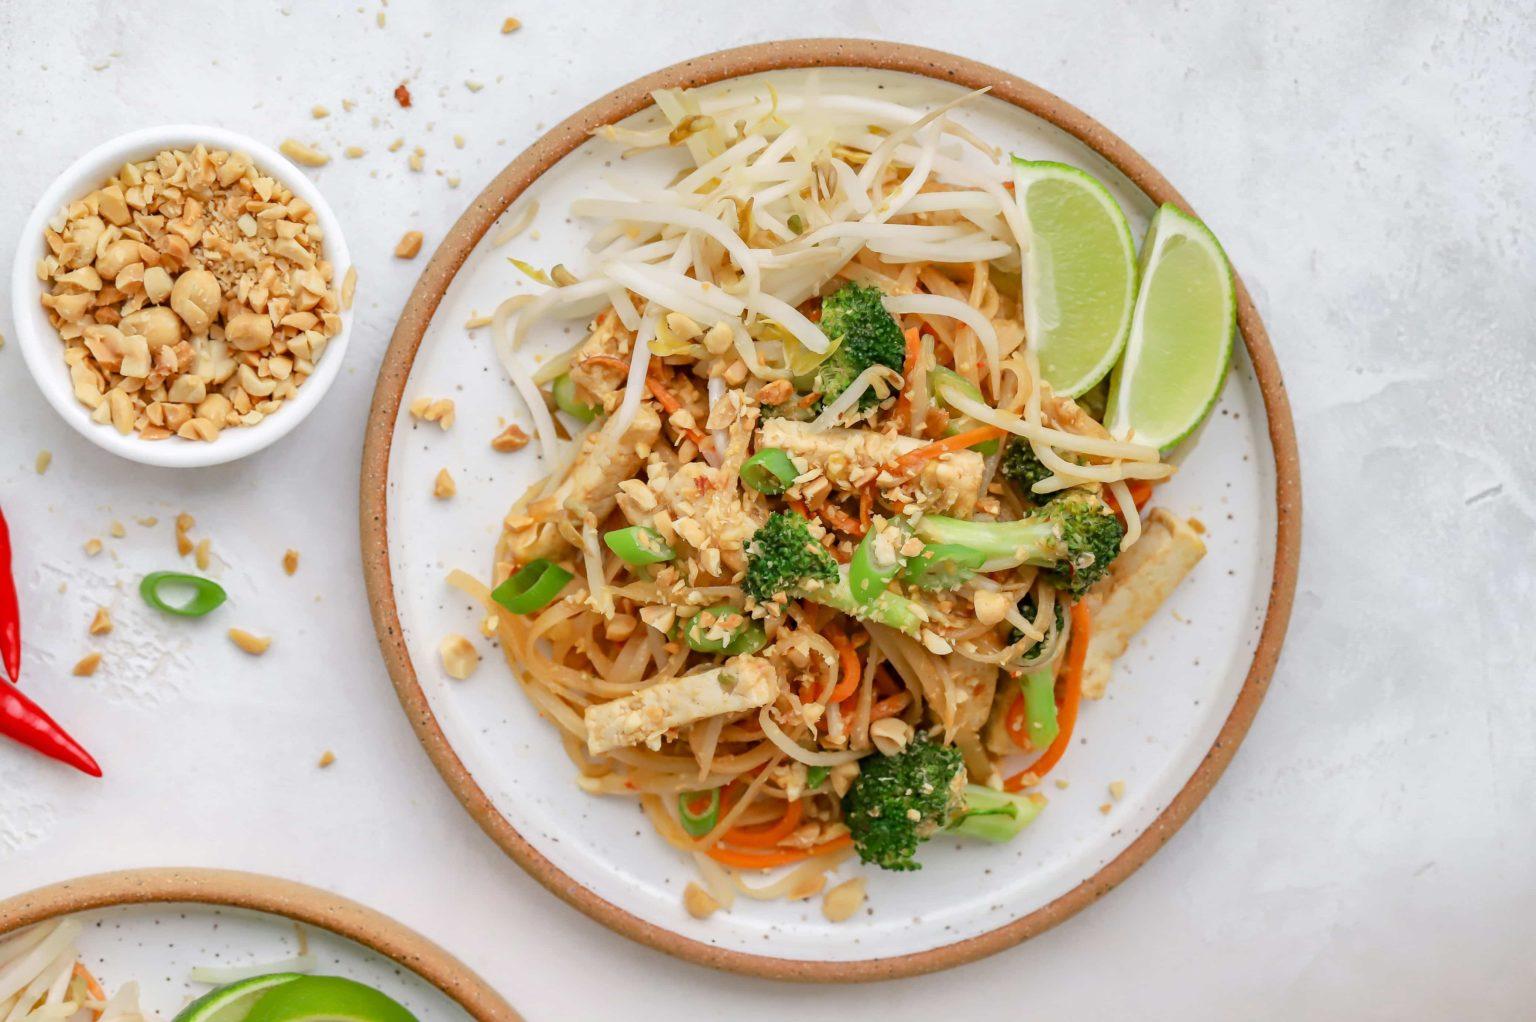 Pad Thai - Top 10 best street food in Thailand